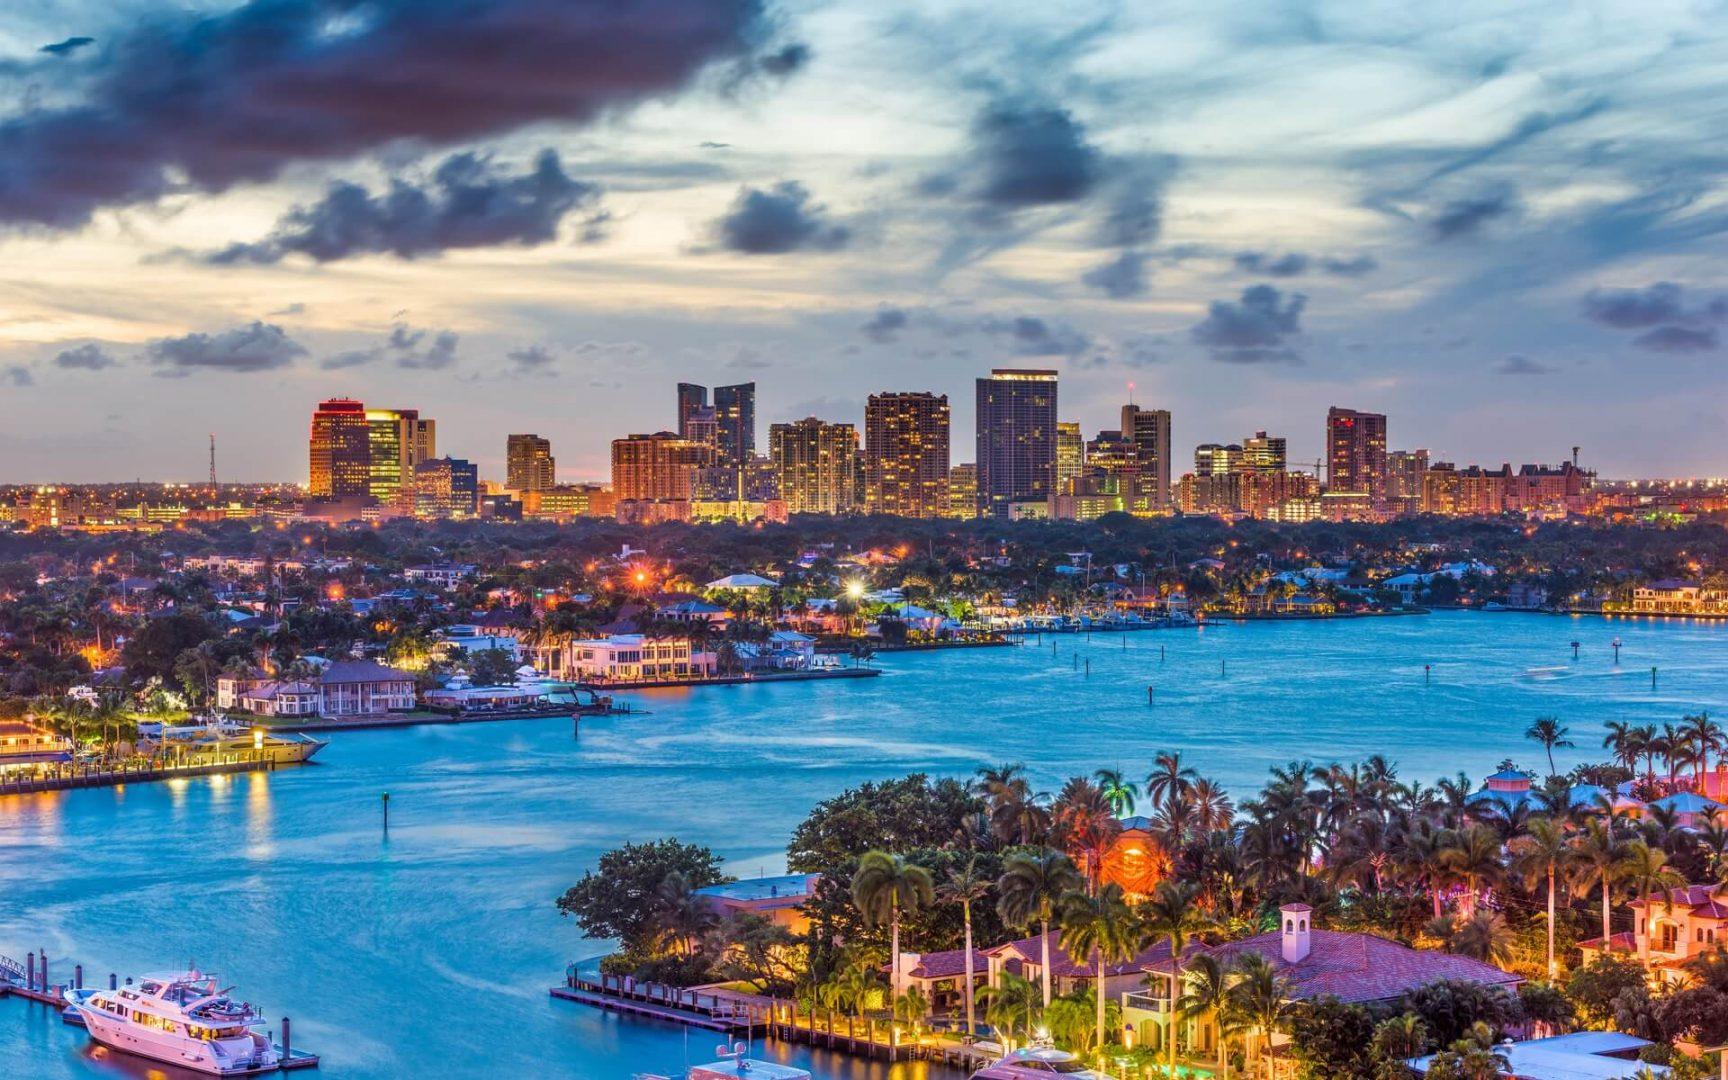 Fort Lauderdale | City Header Image